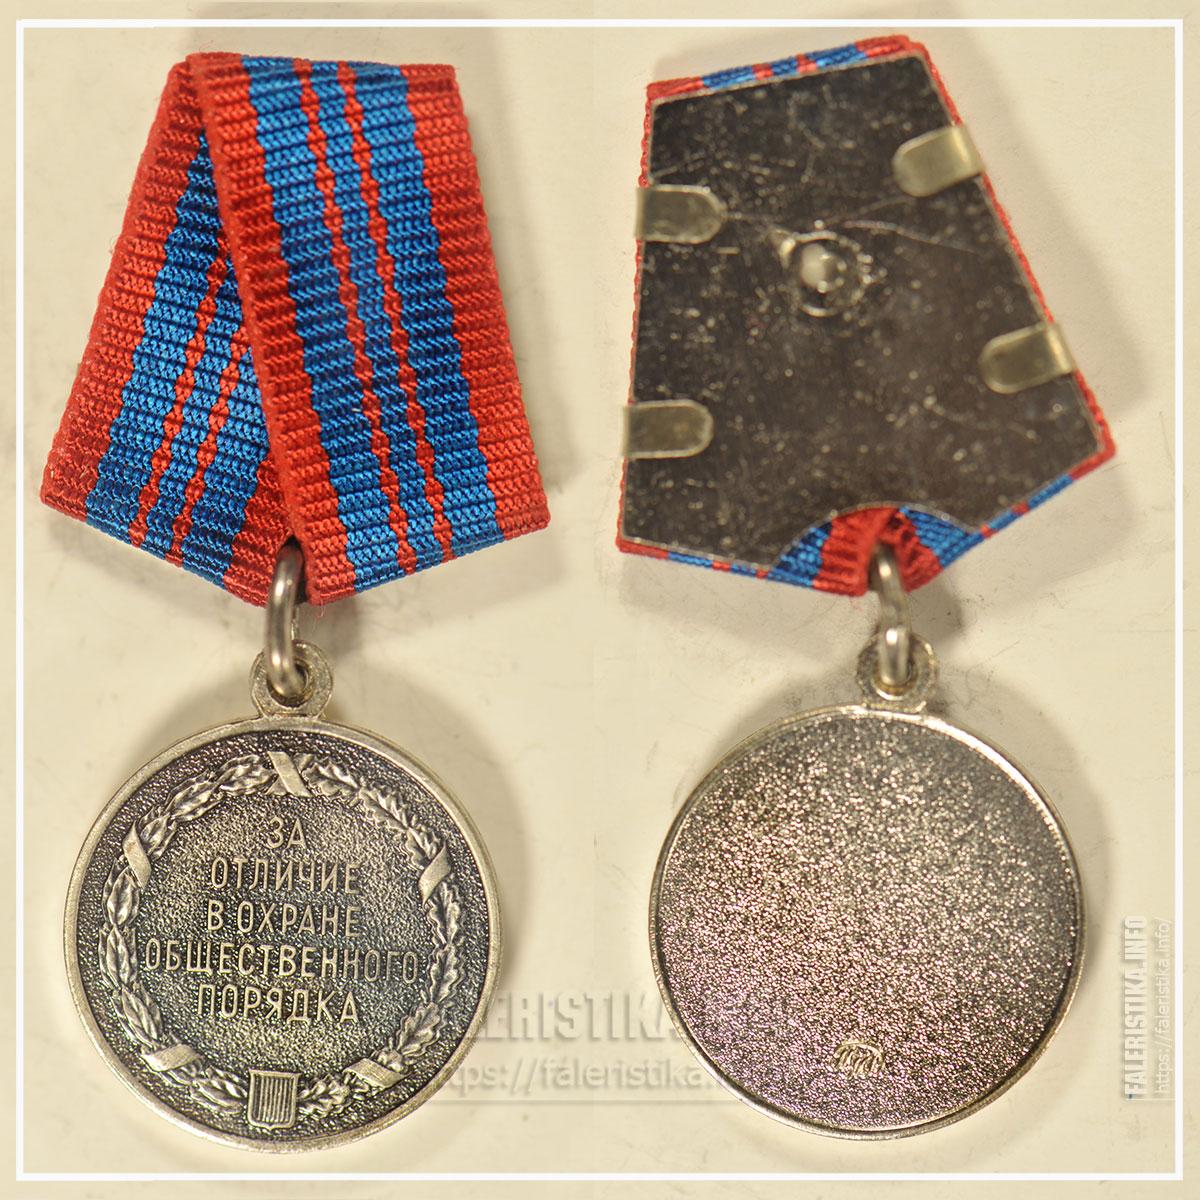 Медаль «За отличие в охране общественного порядка». Миниатюрная копия знака (фрачник). Московский монетный двор